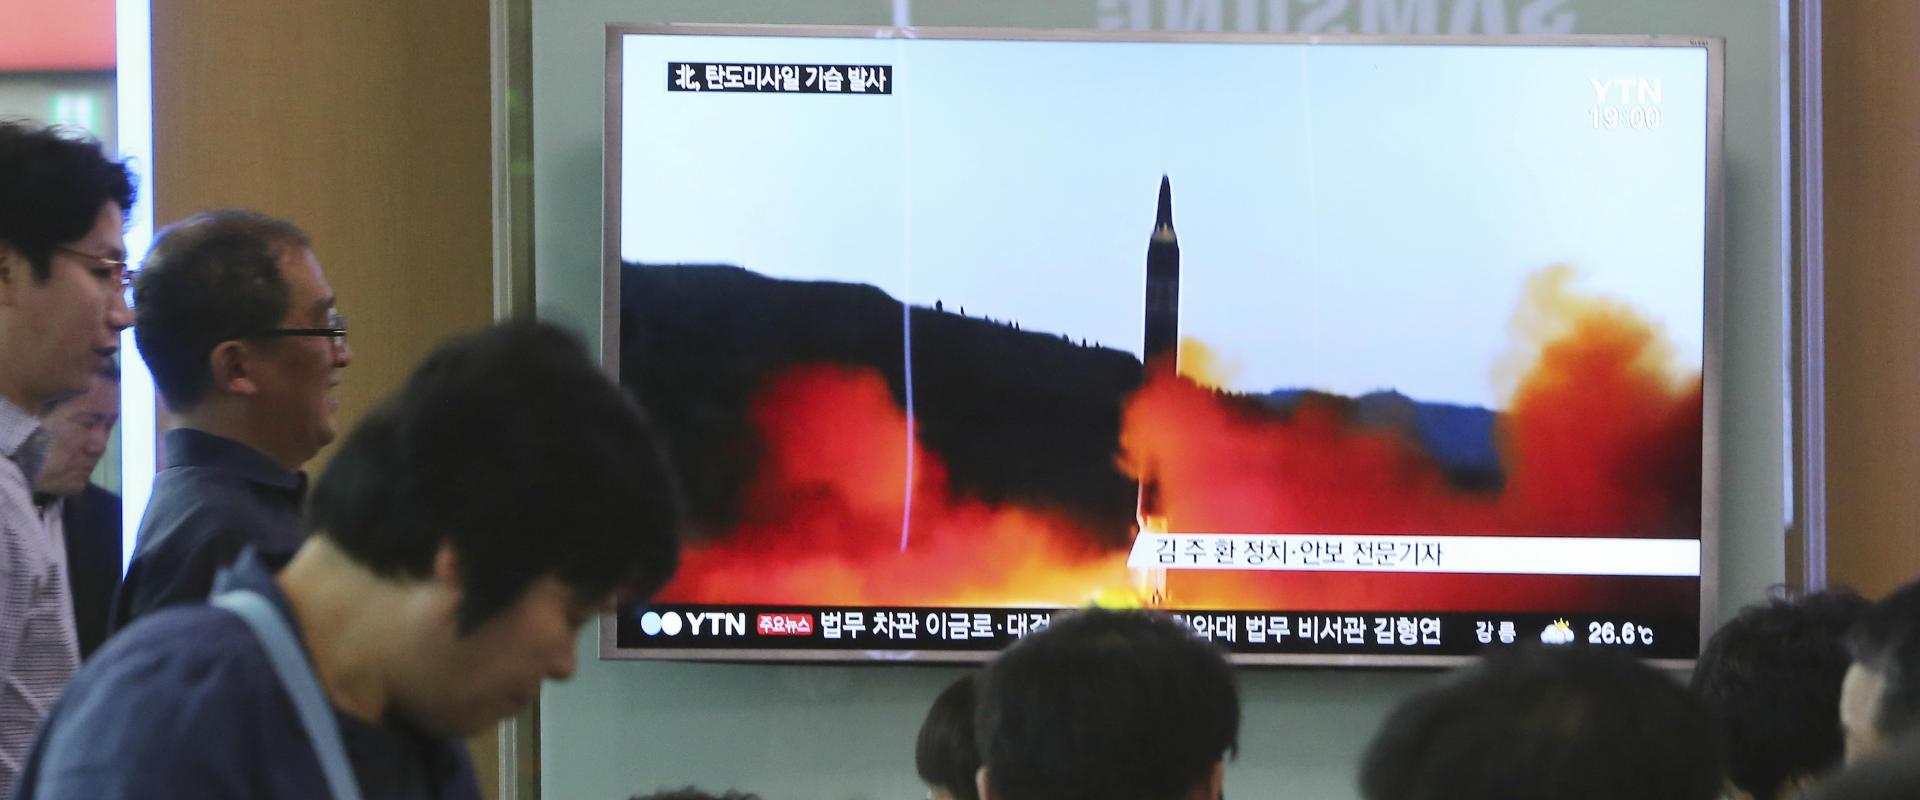 ניסוי בשיגור טיל של קוריאה הצפונית